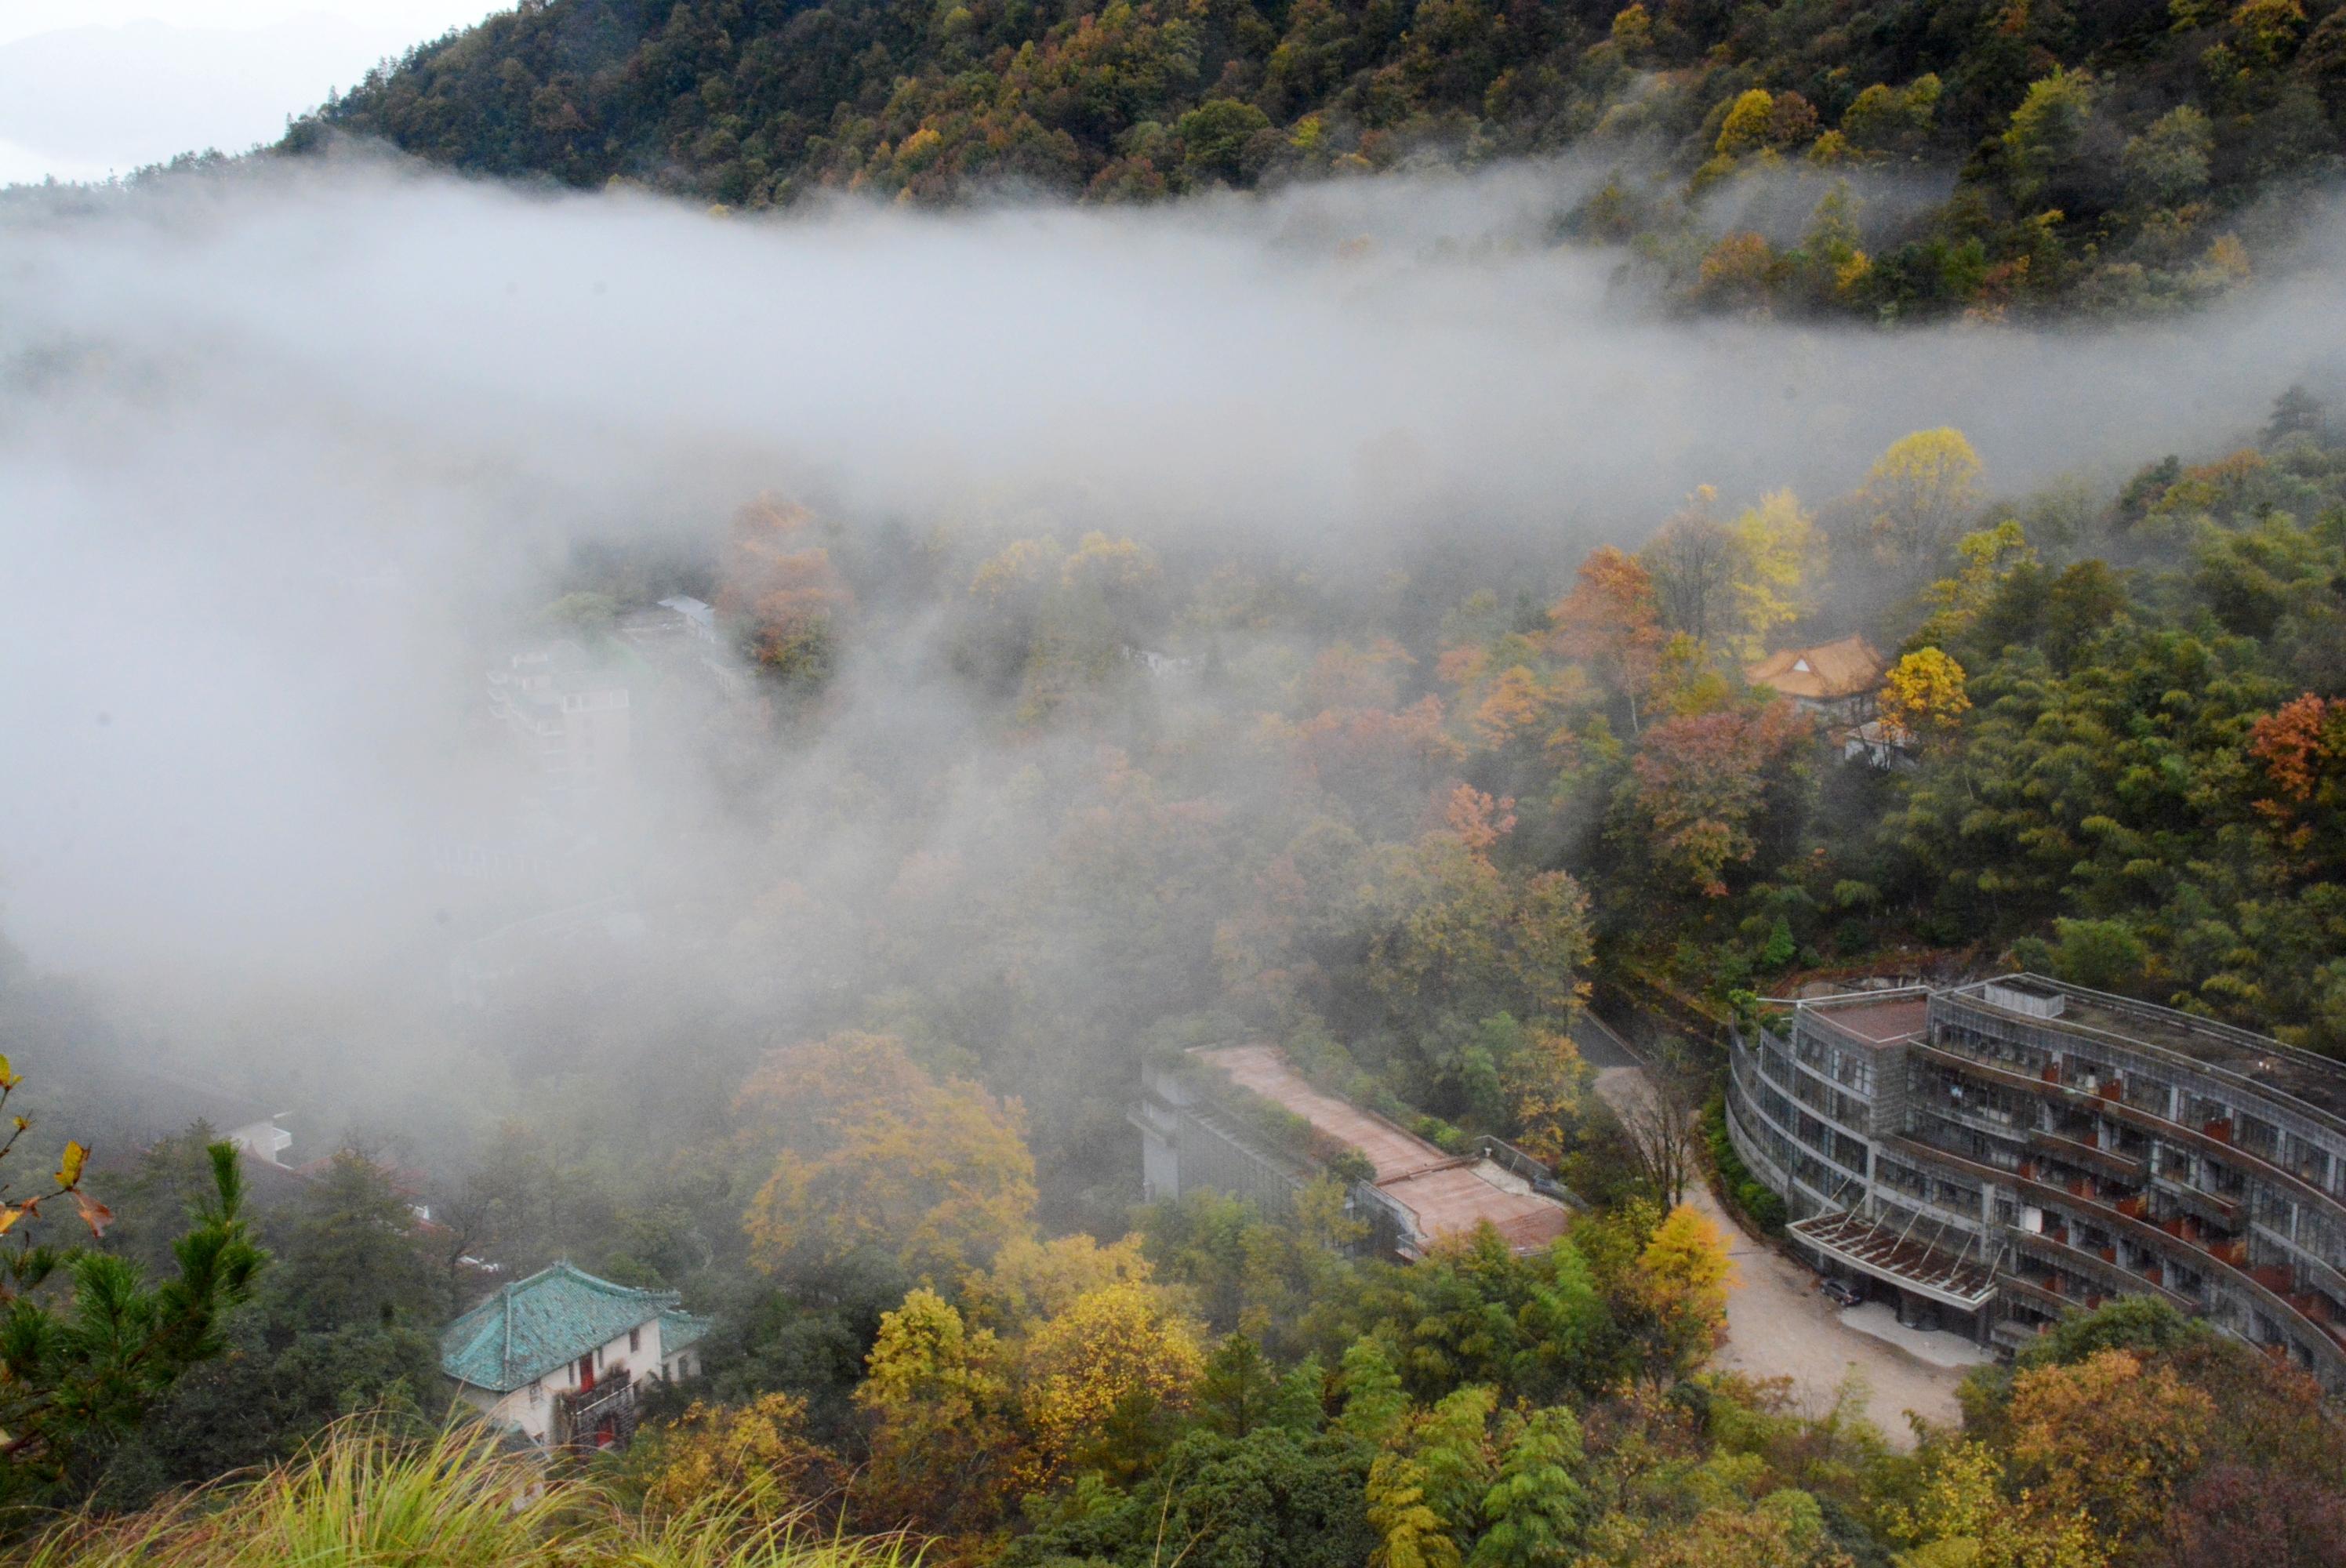 黄山温泉_黄山温泉景区多重气象景观轮番上演 如诗如画_现云海